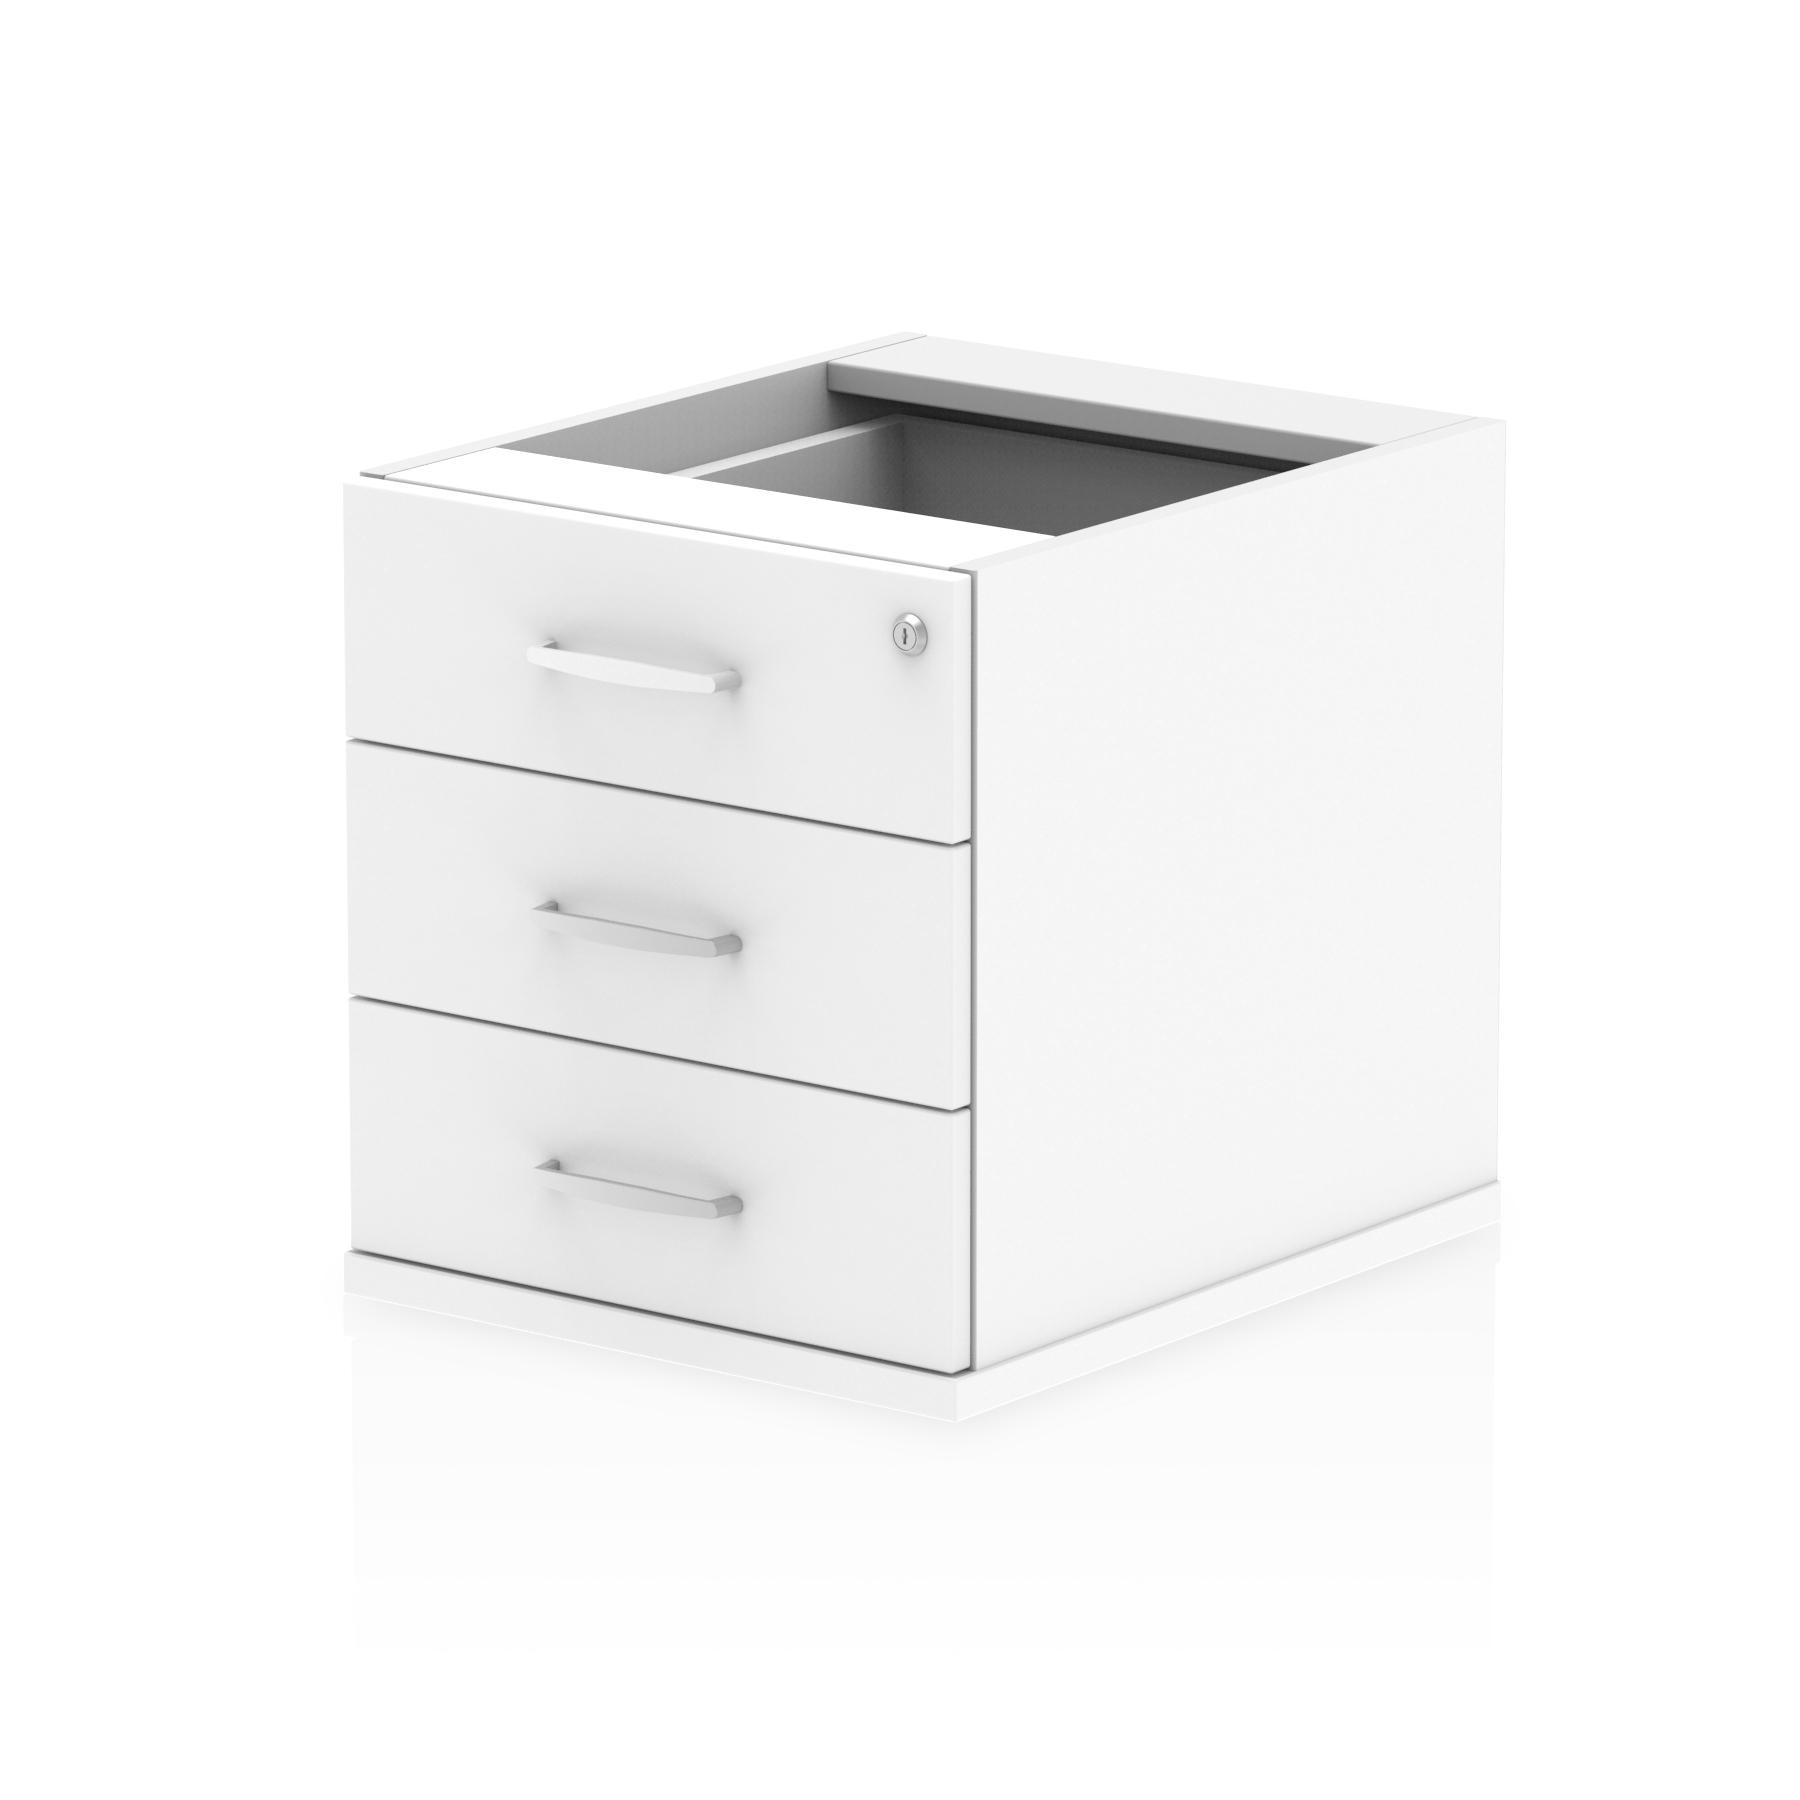 3 Drawer Impulse 3 Drawer Fixed Pedestal White I001647